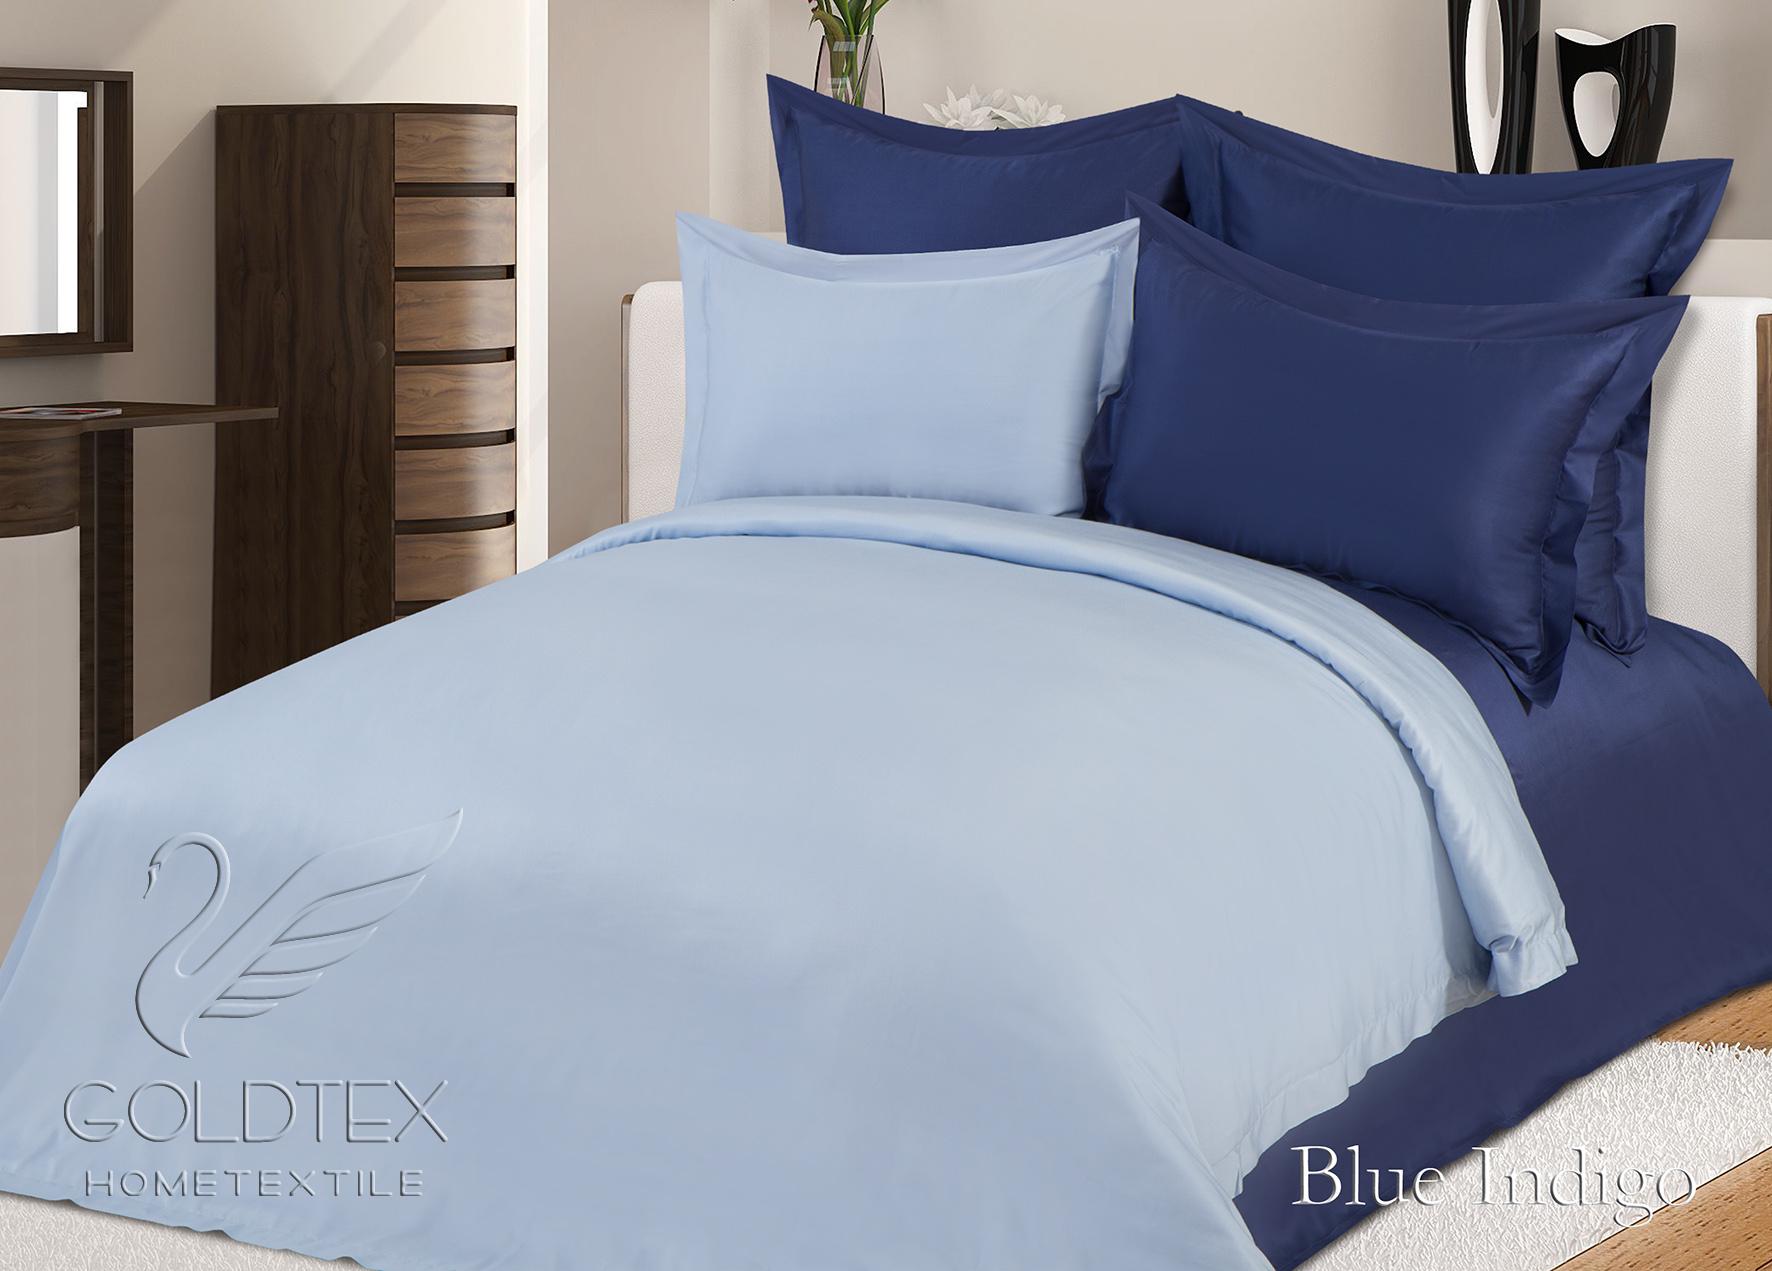 Комплект  Blue Indigo , размер Евро с 4 наволочками - Постельное белье артикул: 10851